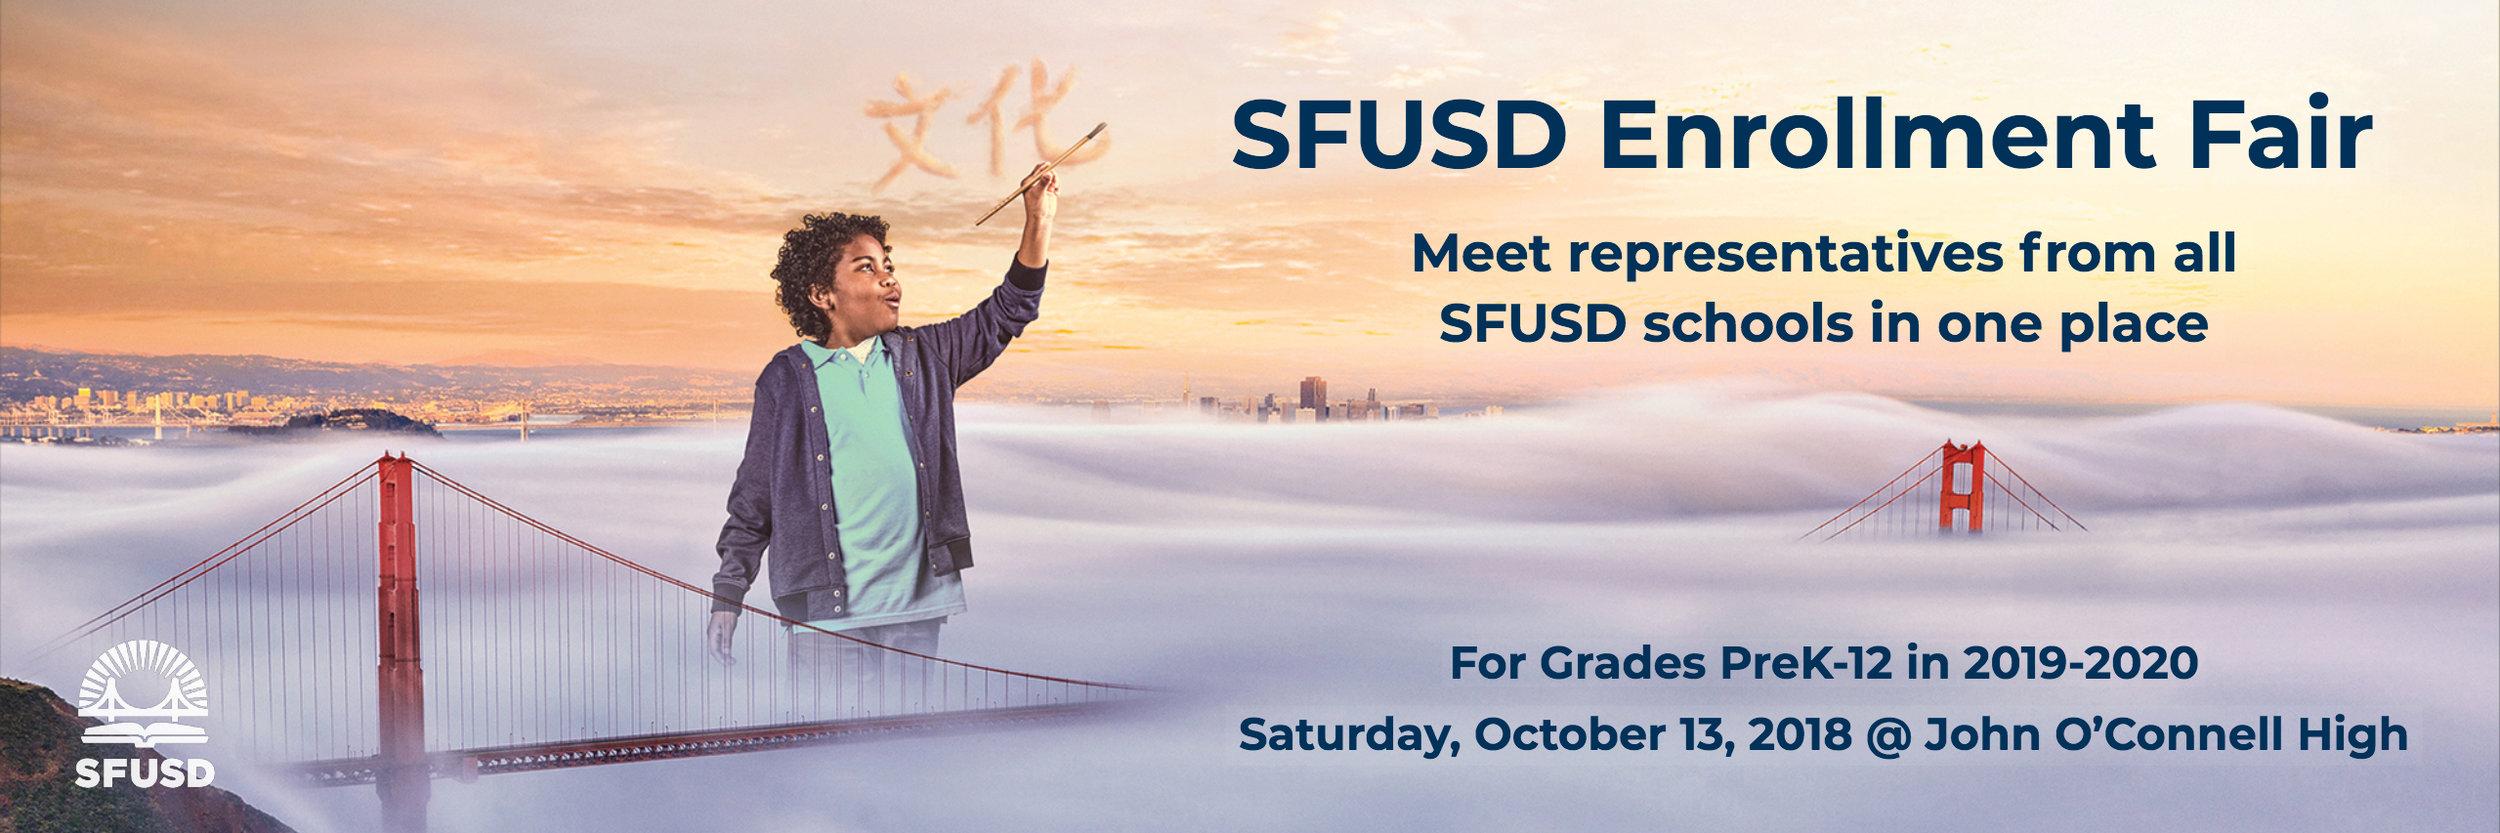 Image courtesy of SFUSD